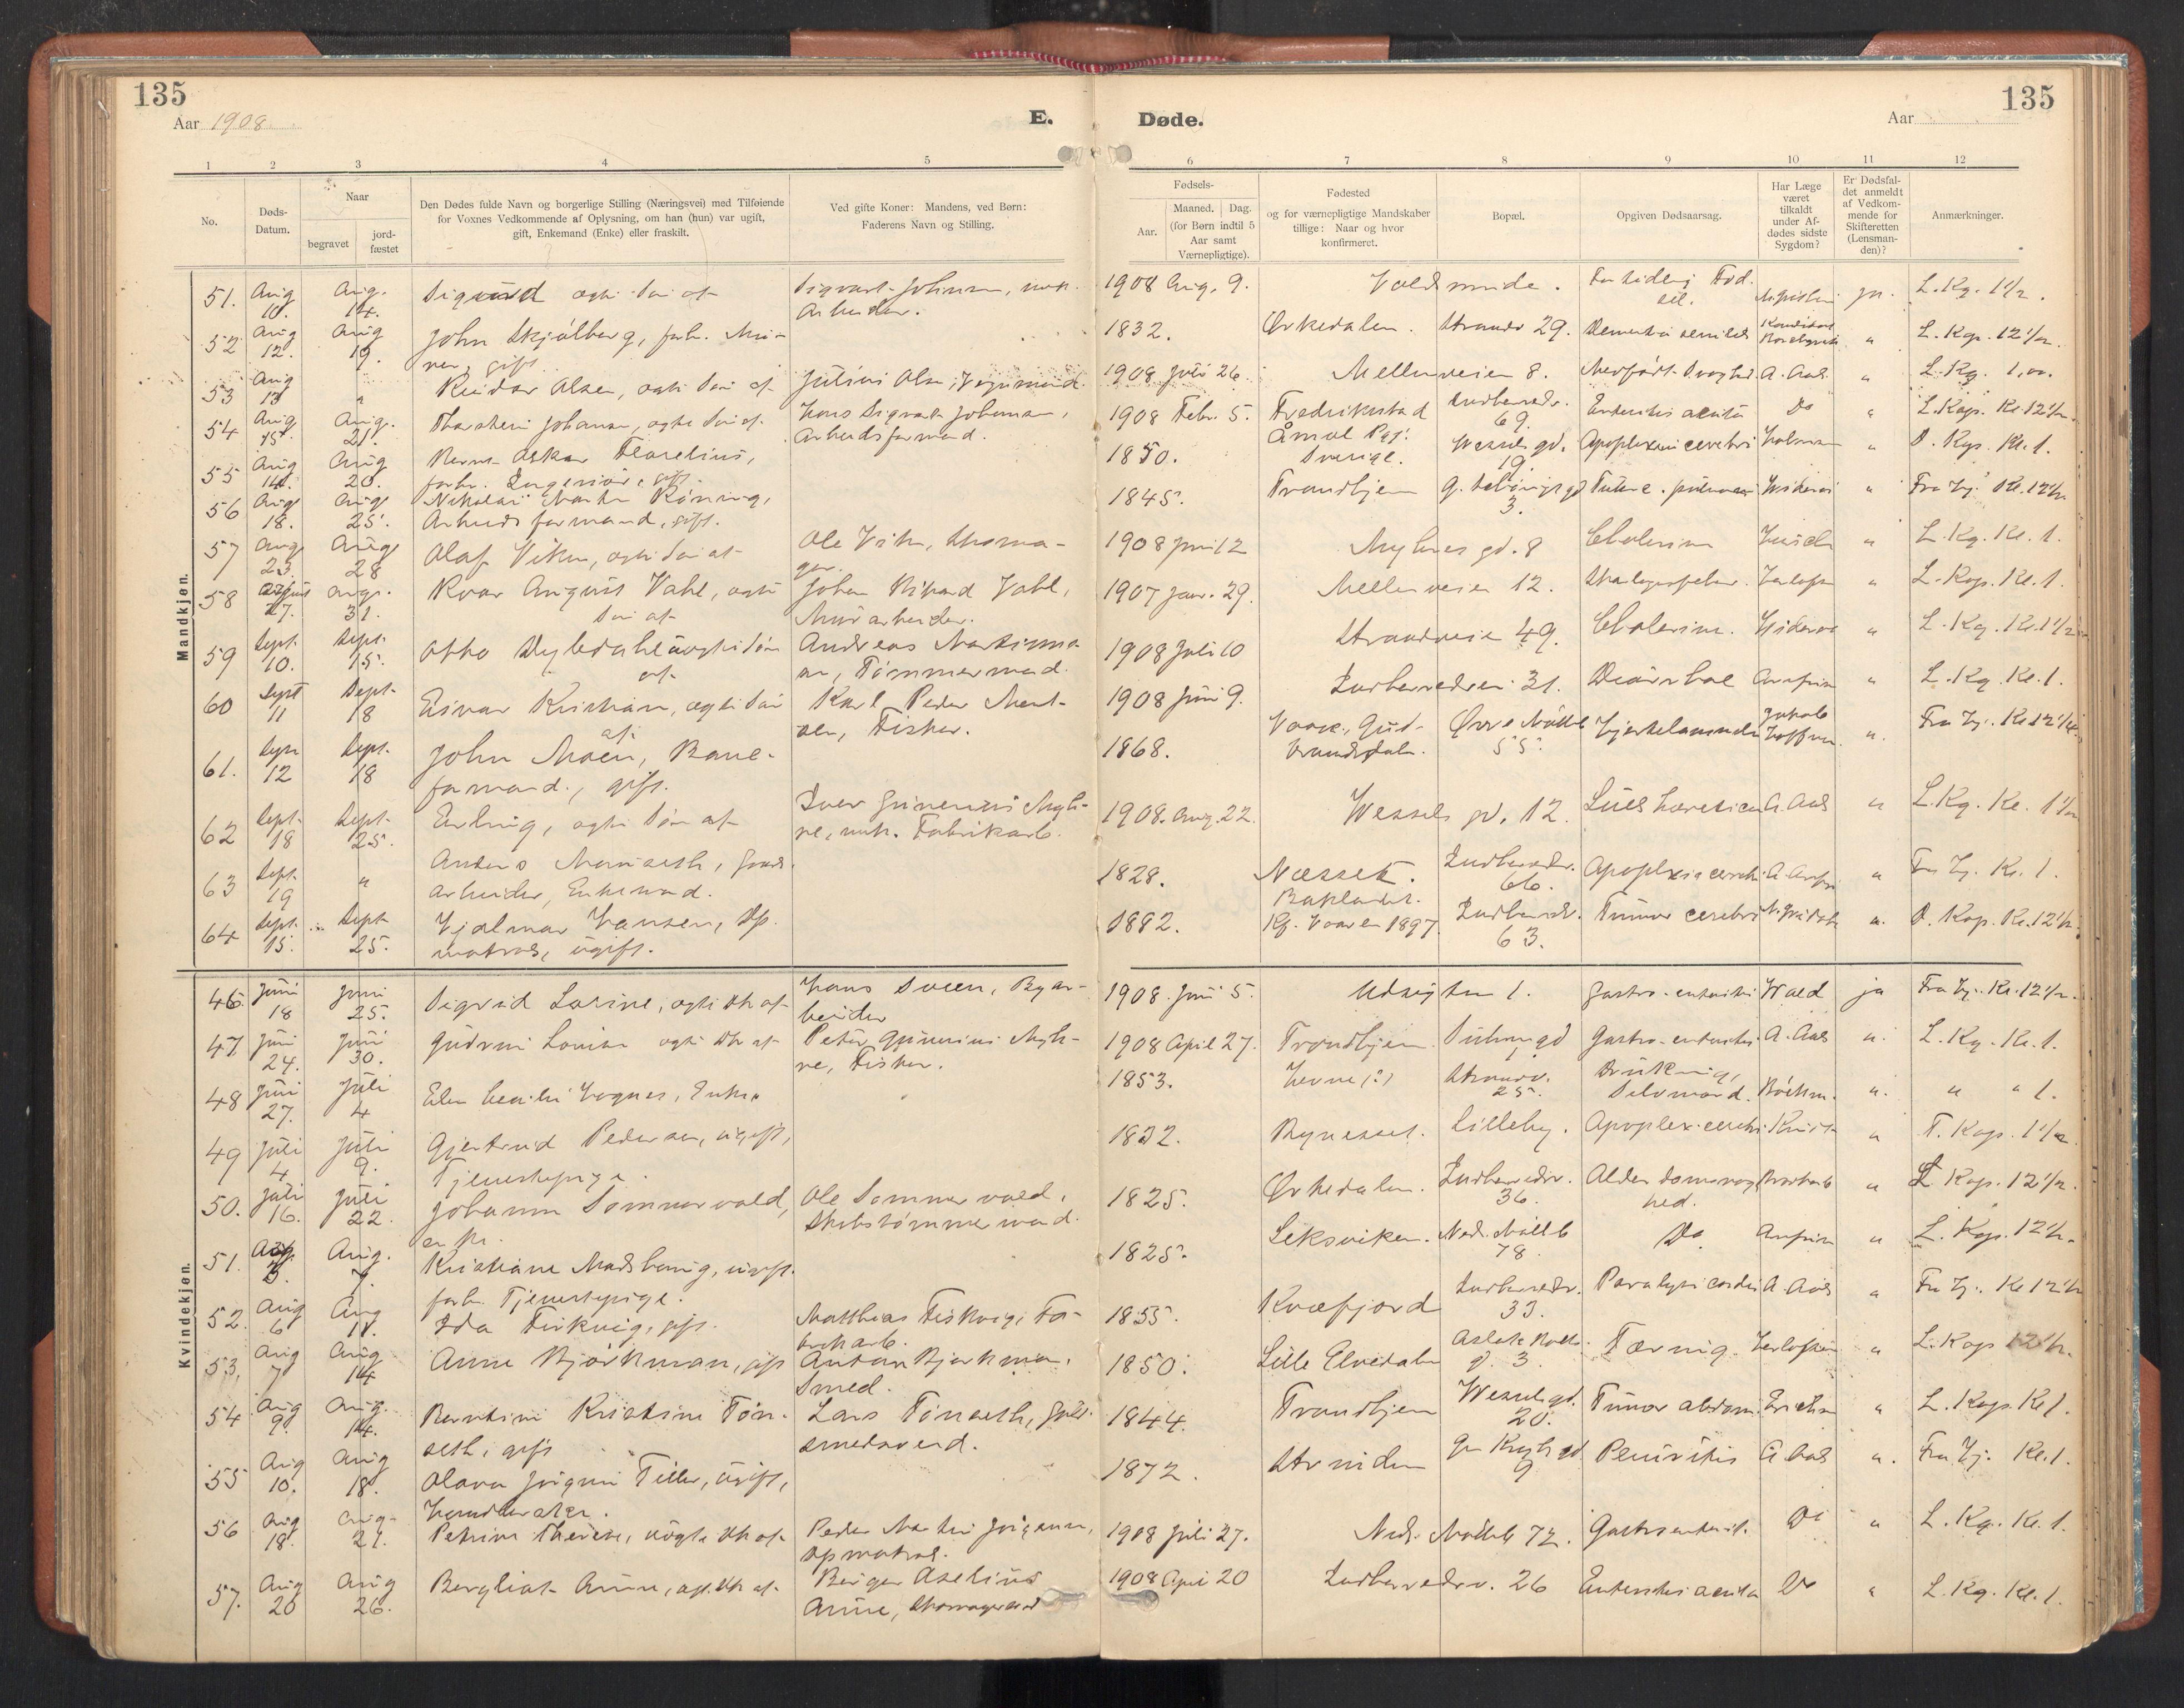 SAT, Ministerialprotokoller, klokkerbøker og fødselsregistre - Sør-Trøndelag, 605/L0244: Ministerialbok nr. 605A06, 1908-1954, s. 135